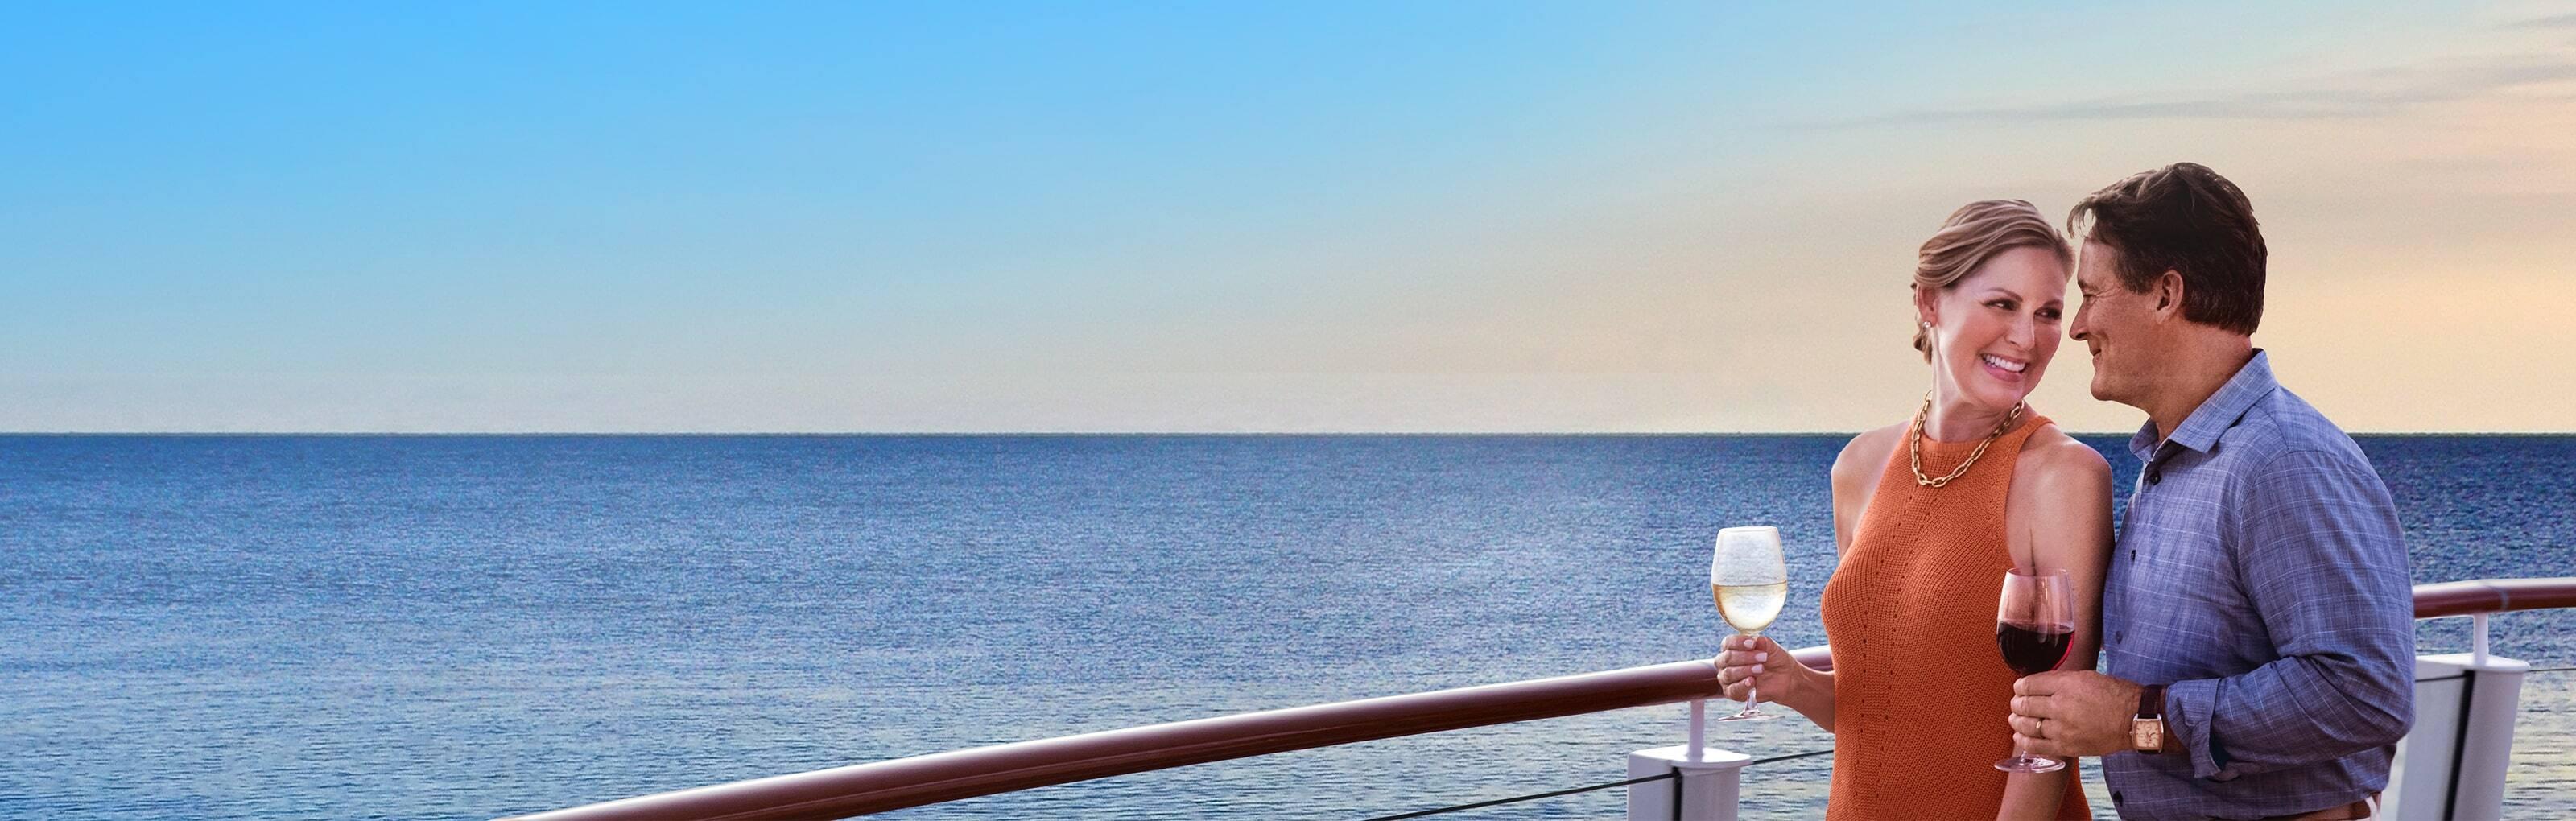 NCL's Free at Sea | Croisières et offres de croisière